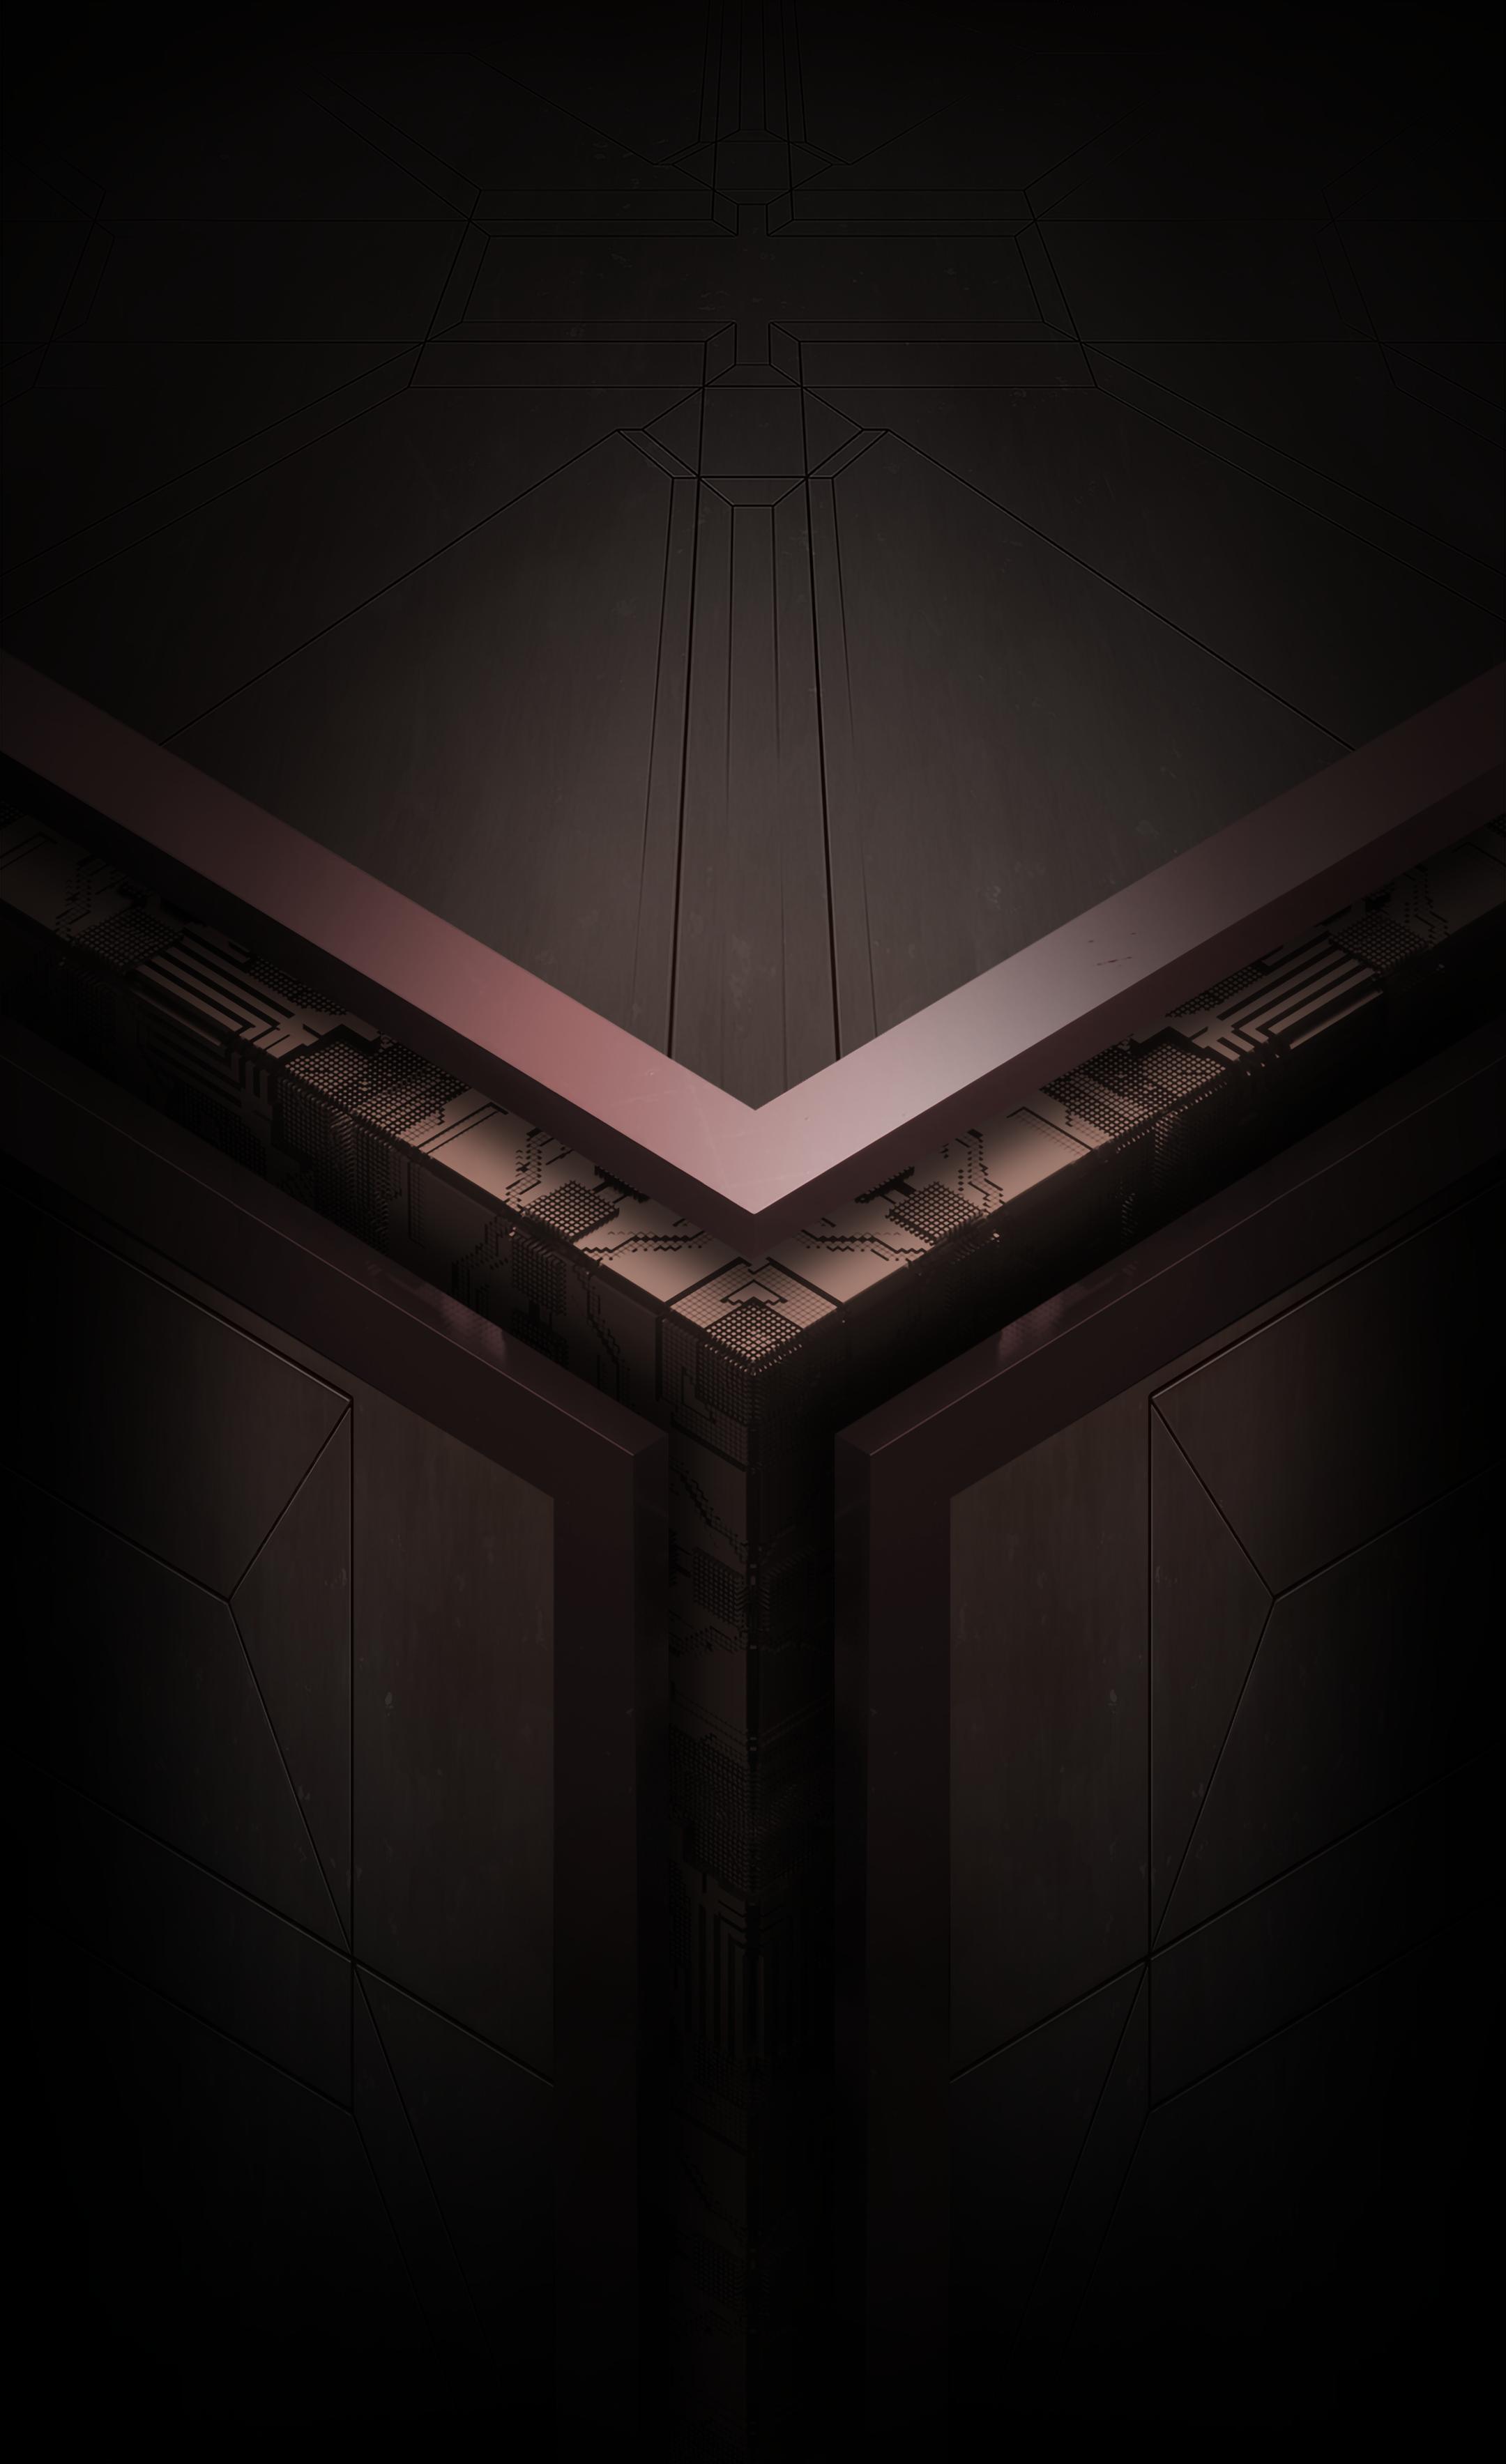 30] Asus ROG Phone Wallpapers on WallpaperSafari 2160x3535